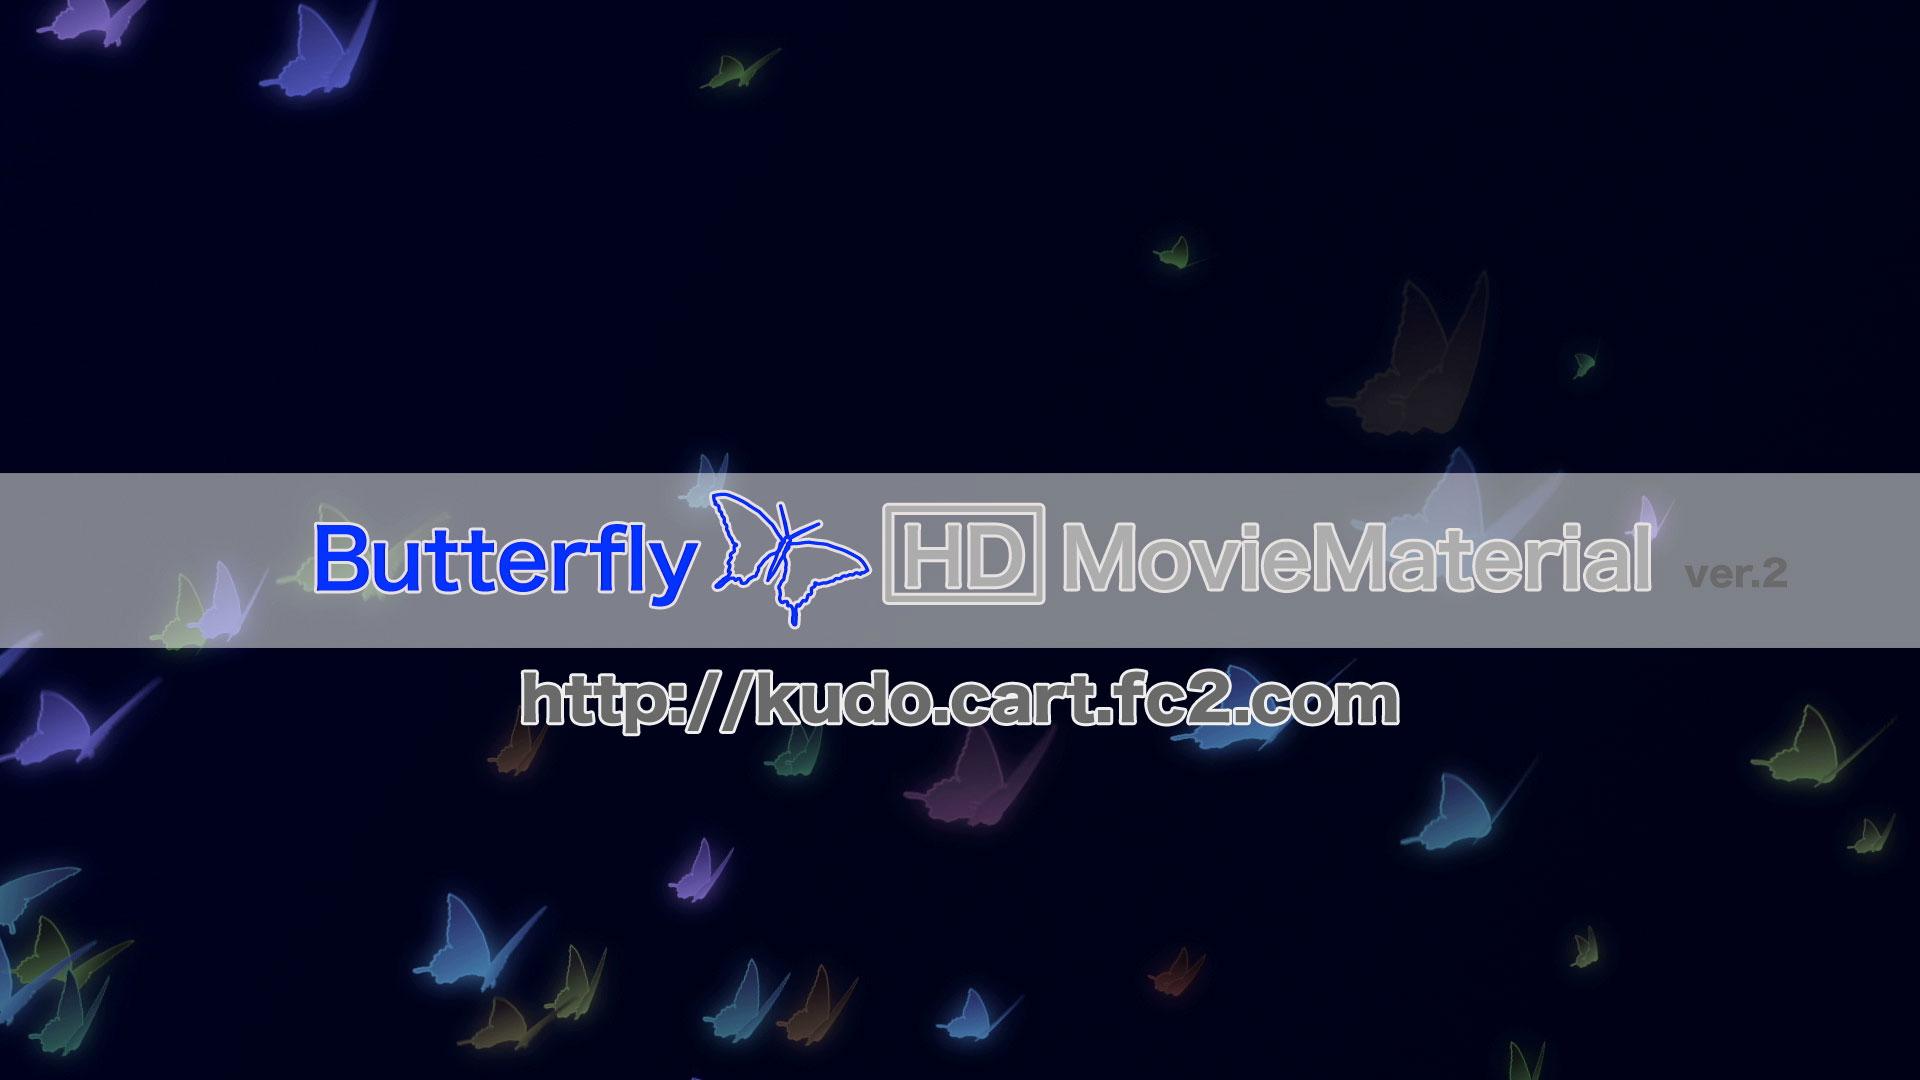 蝶のハイビジョンCG動画素材集【Butterfly HD MovieMaterial】7